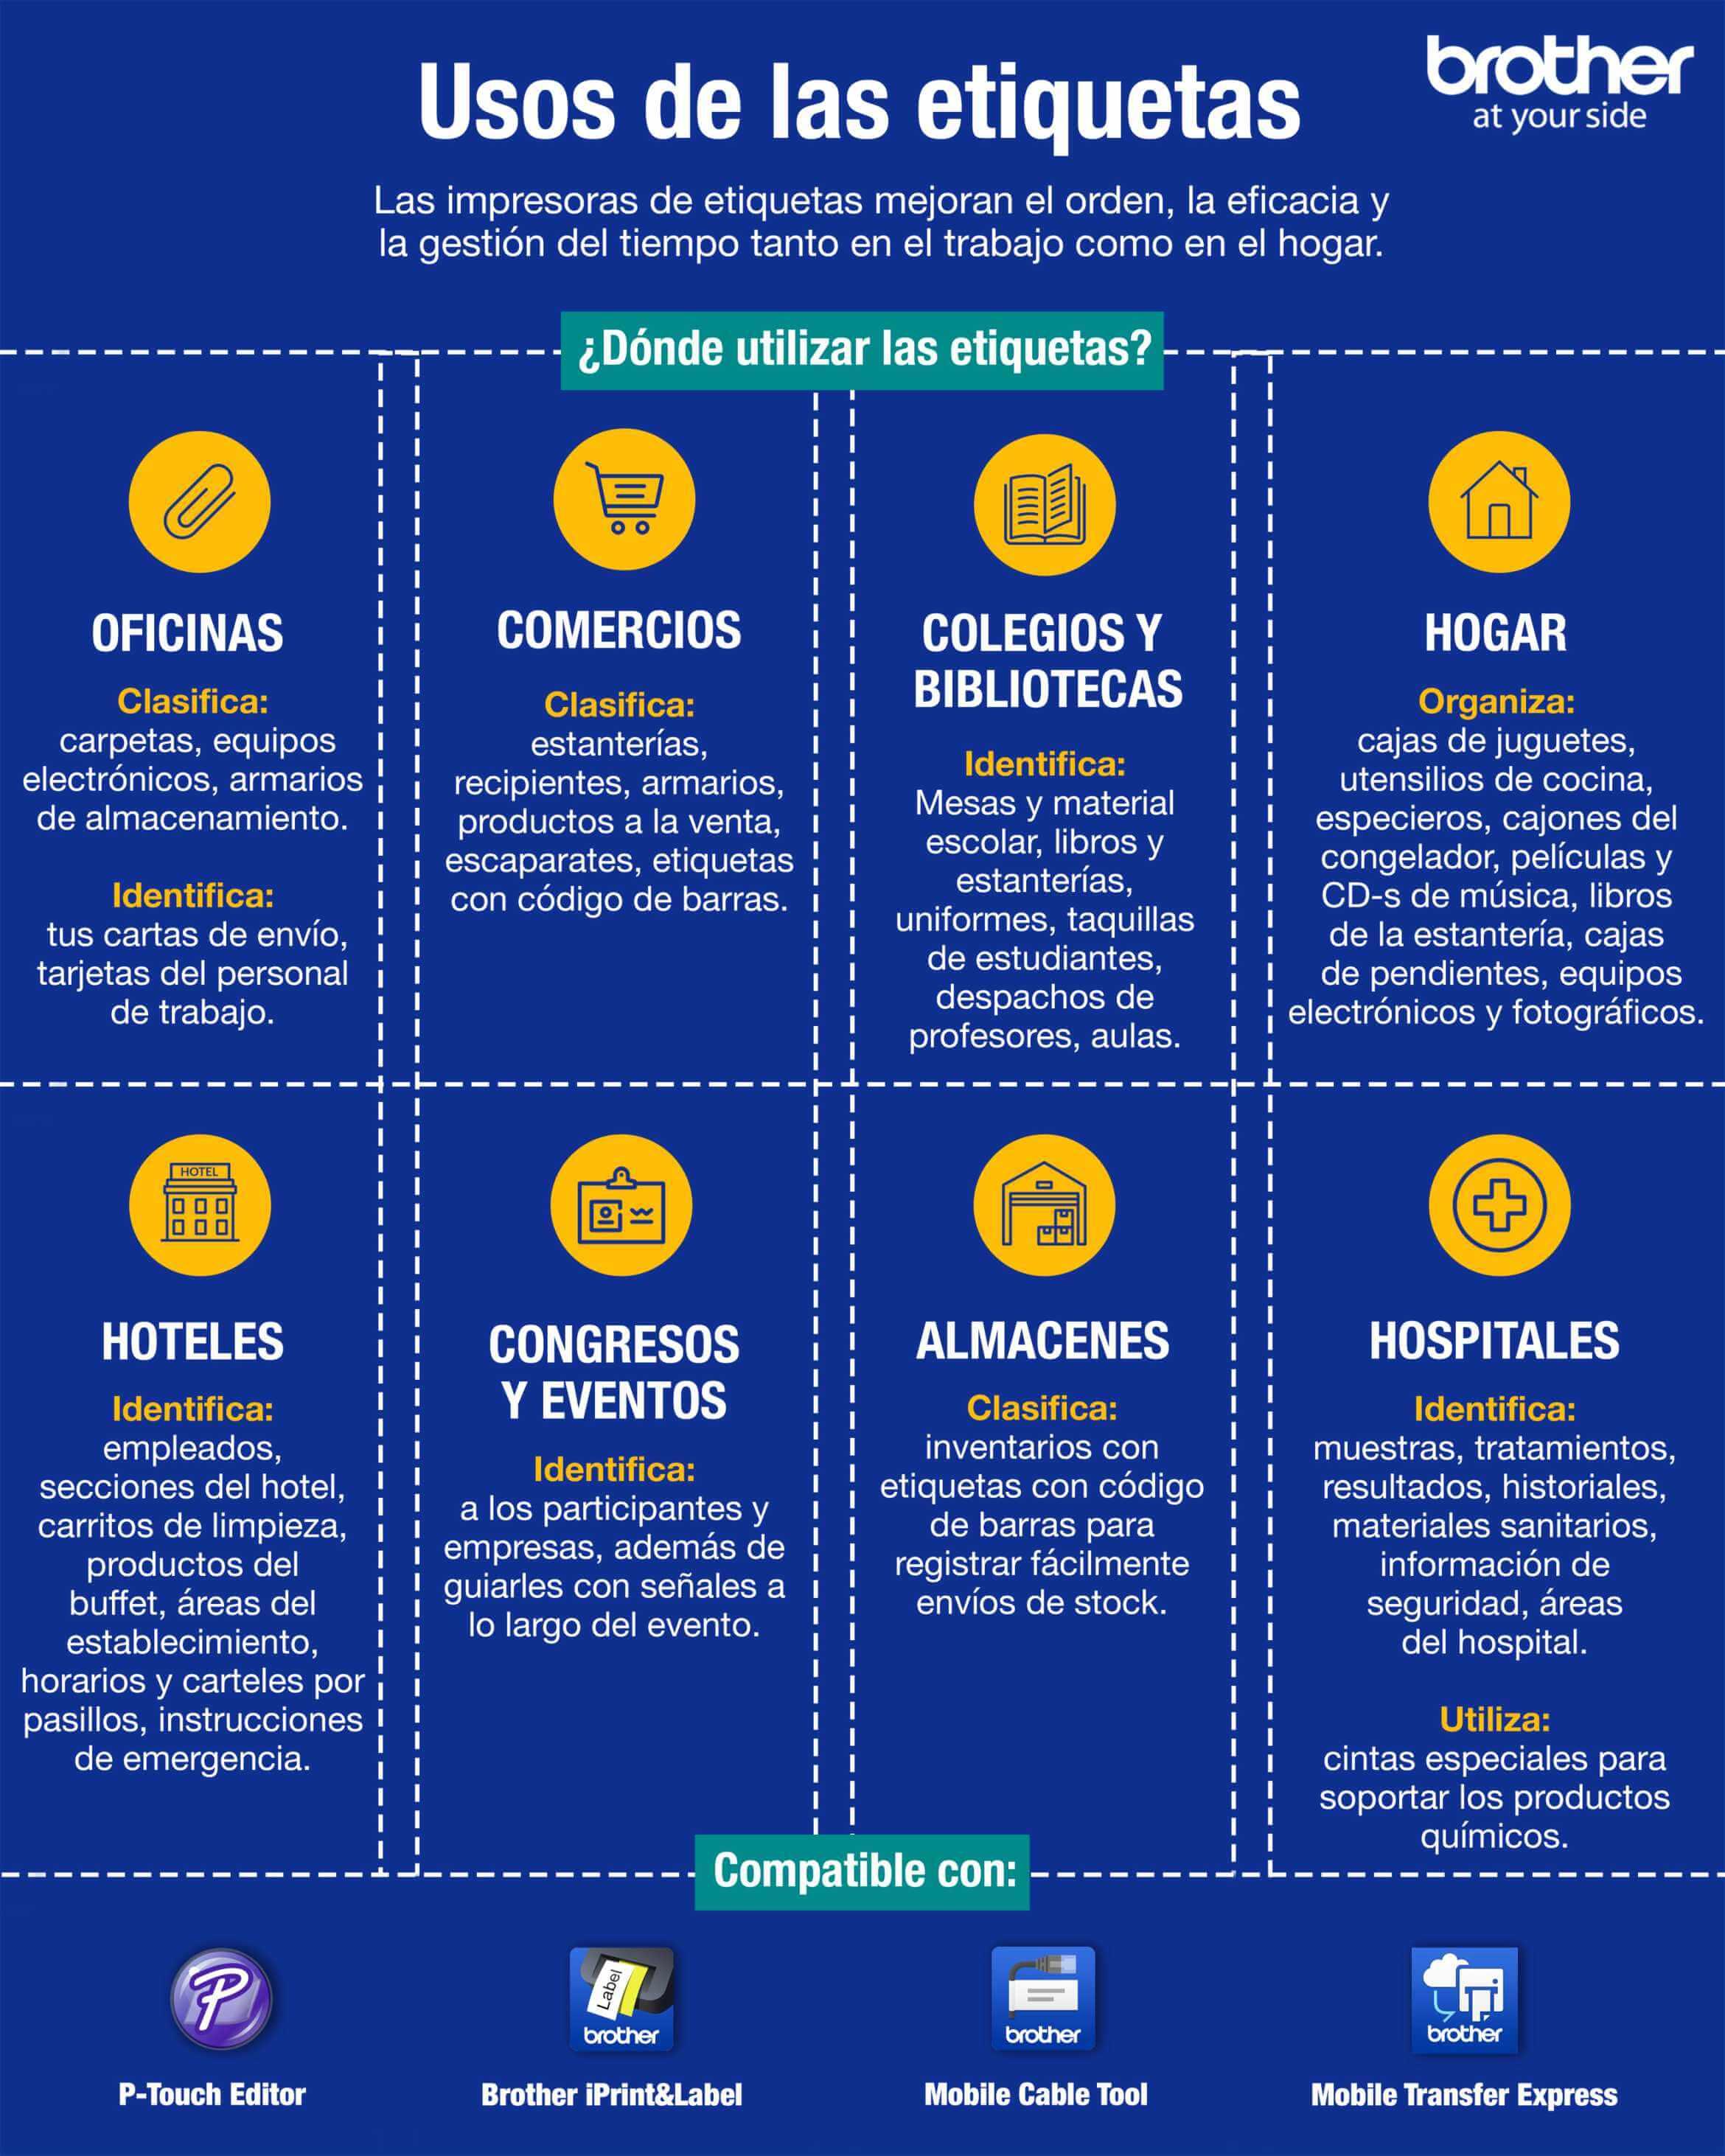 Uso de las etiquetas infografia